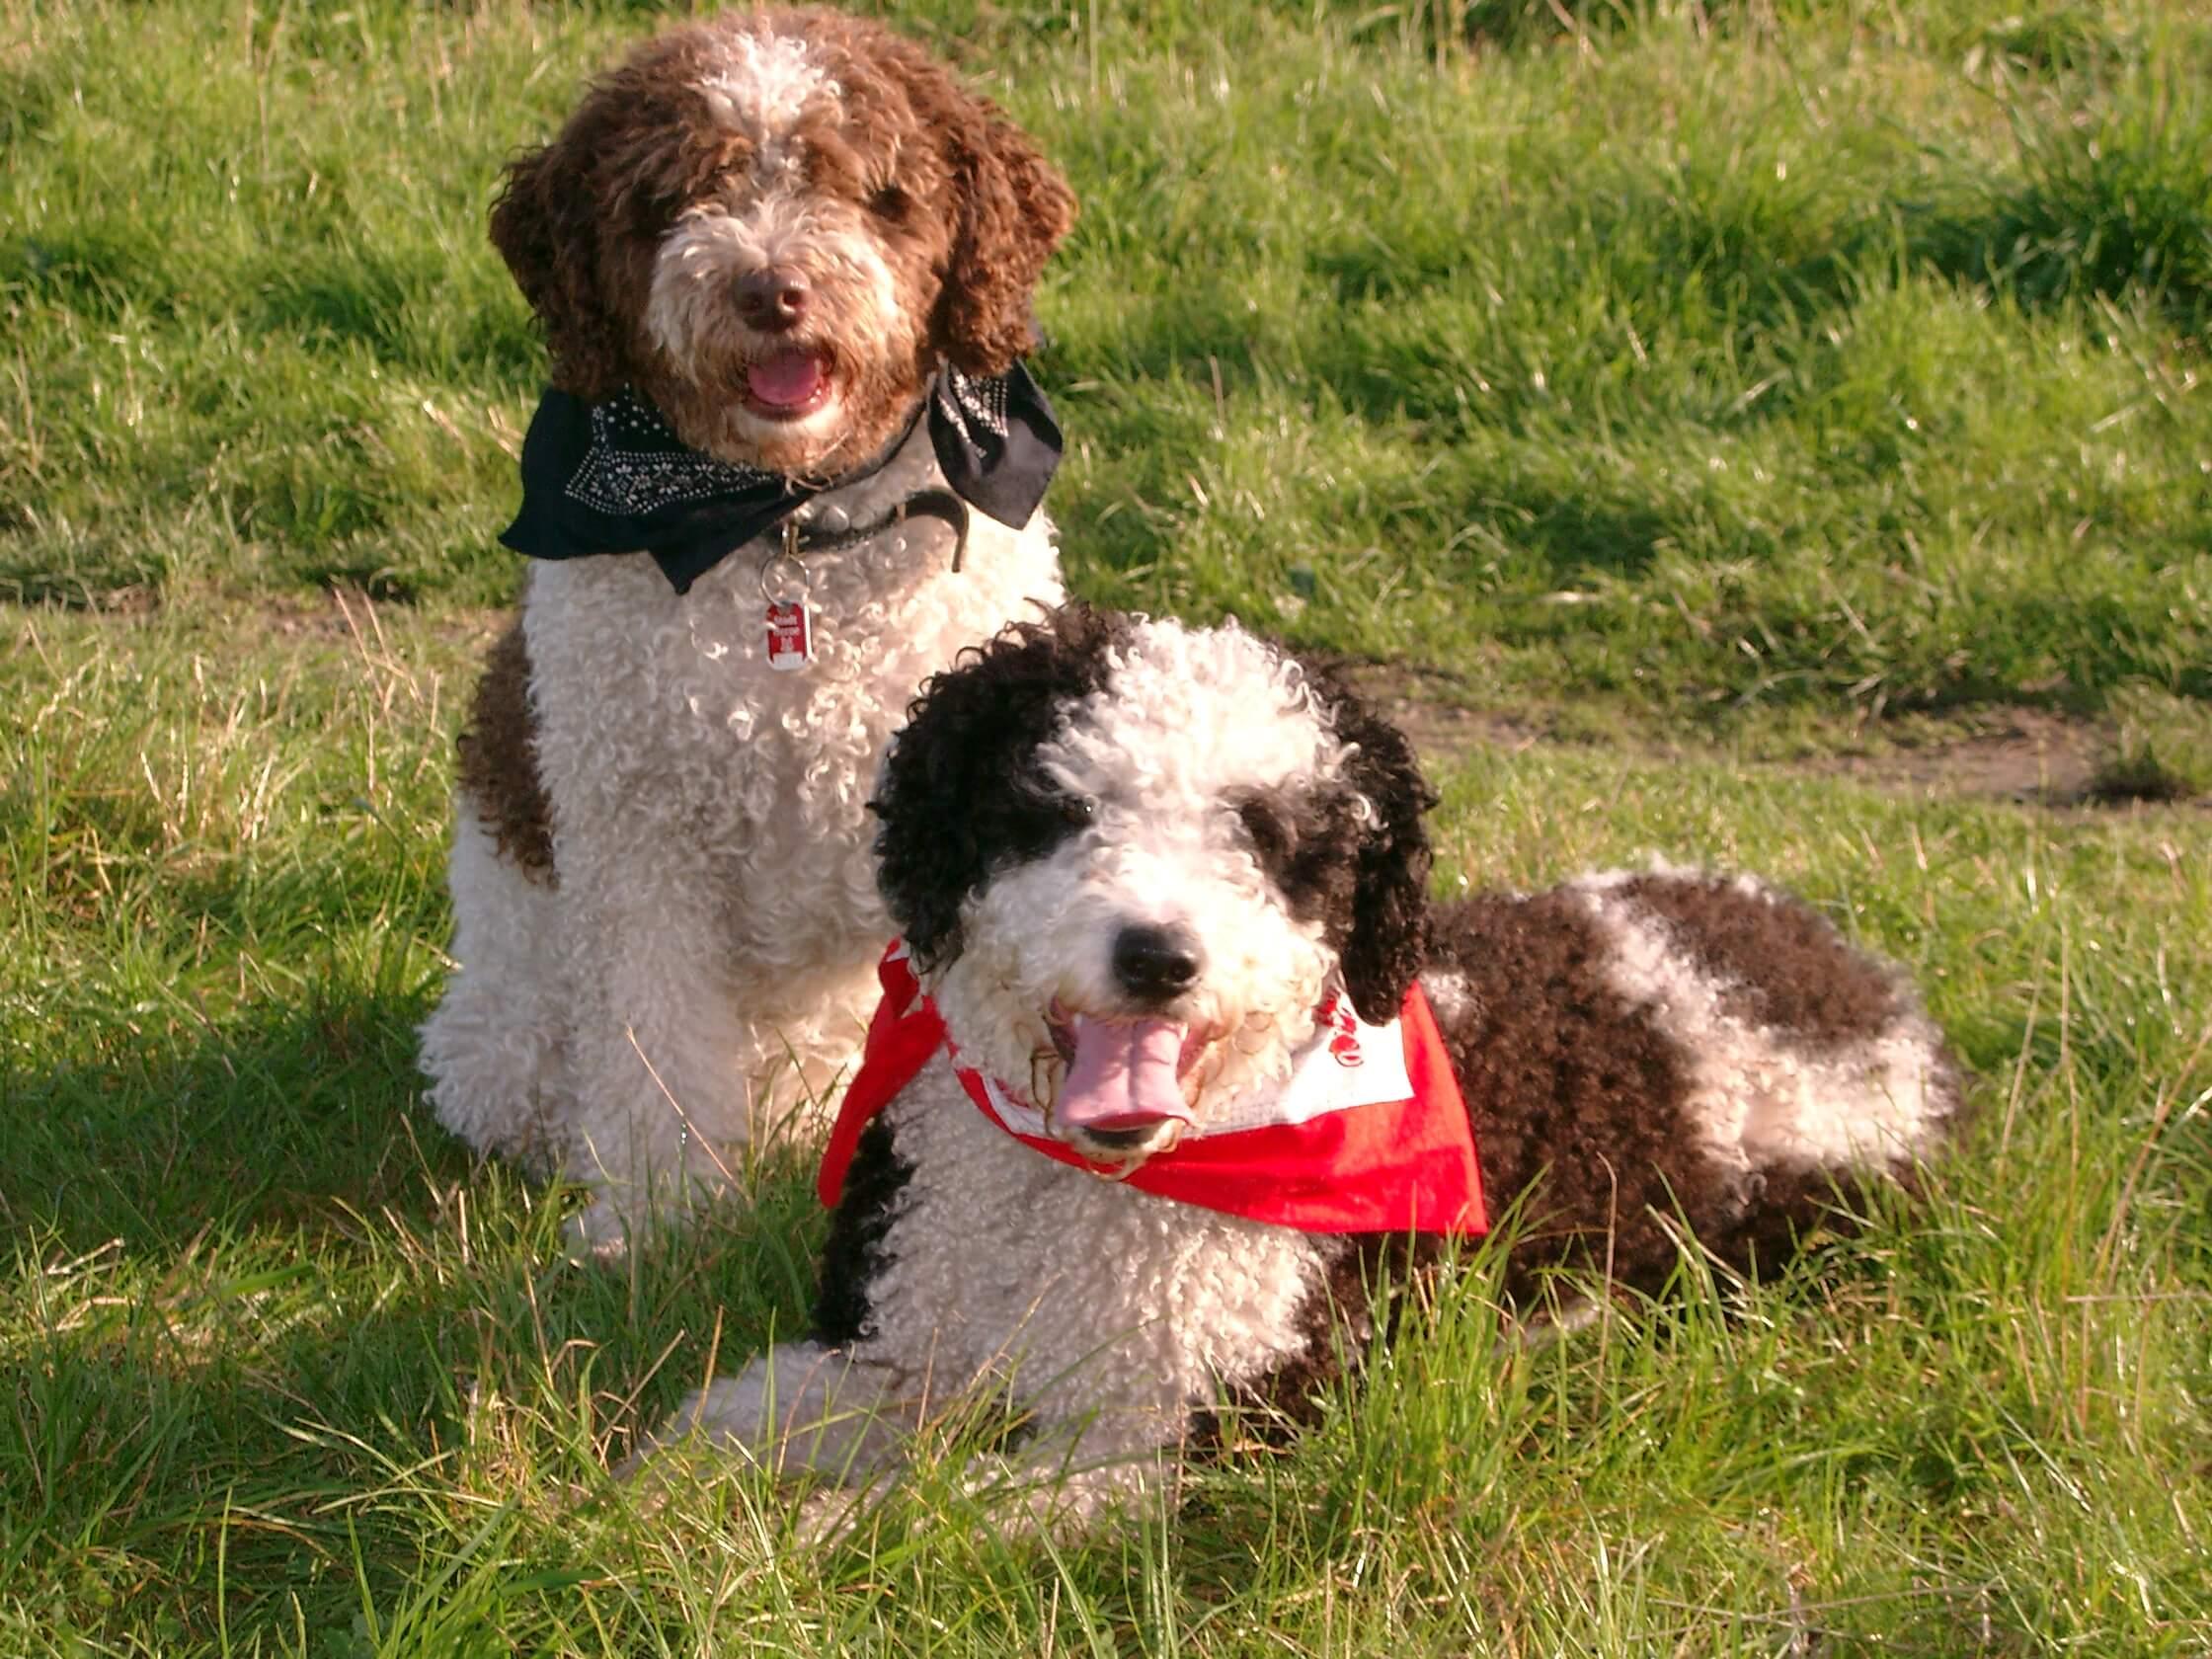 Испанская водяная собака — фото, цена | dog-care - журнал про собак